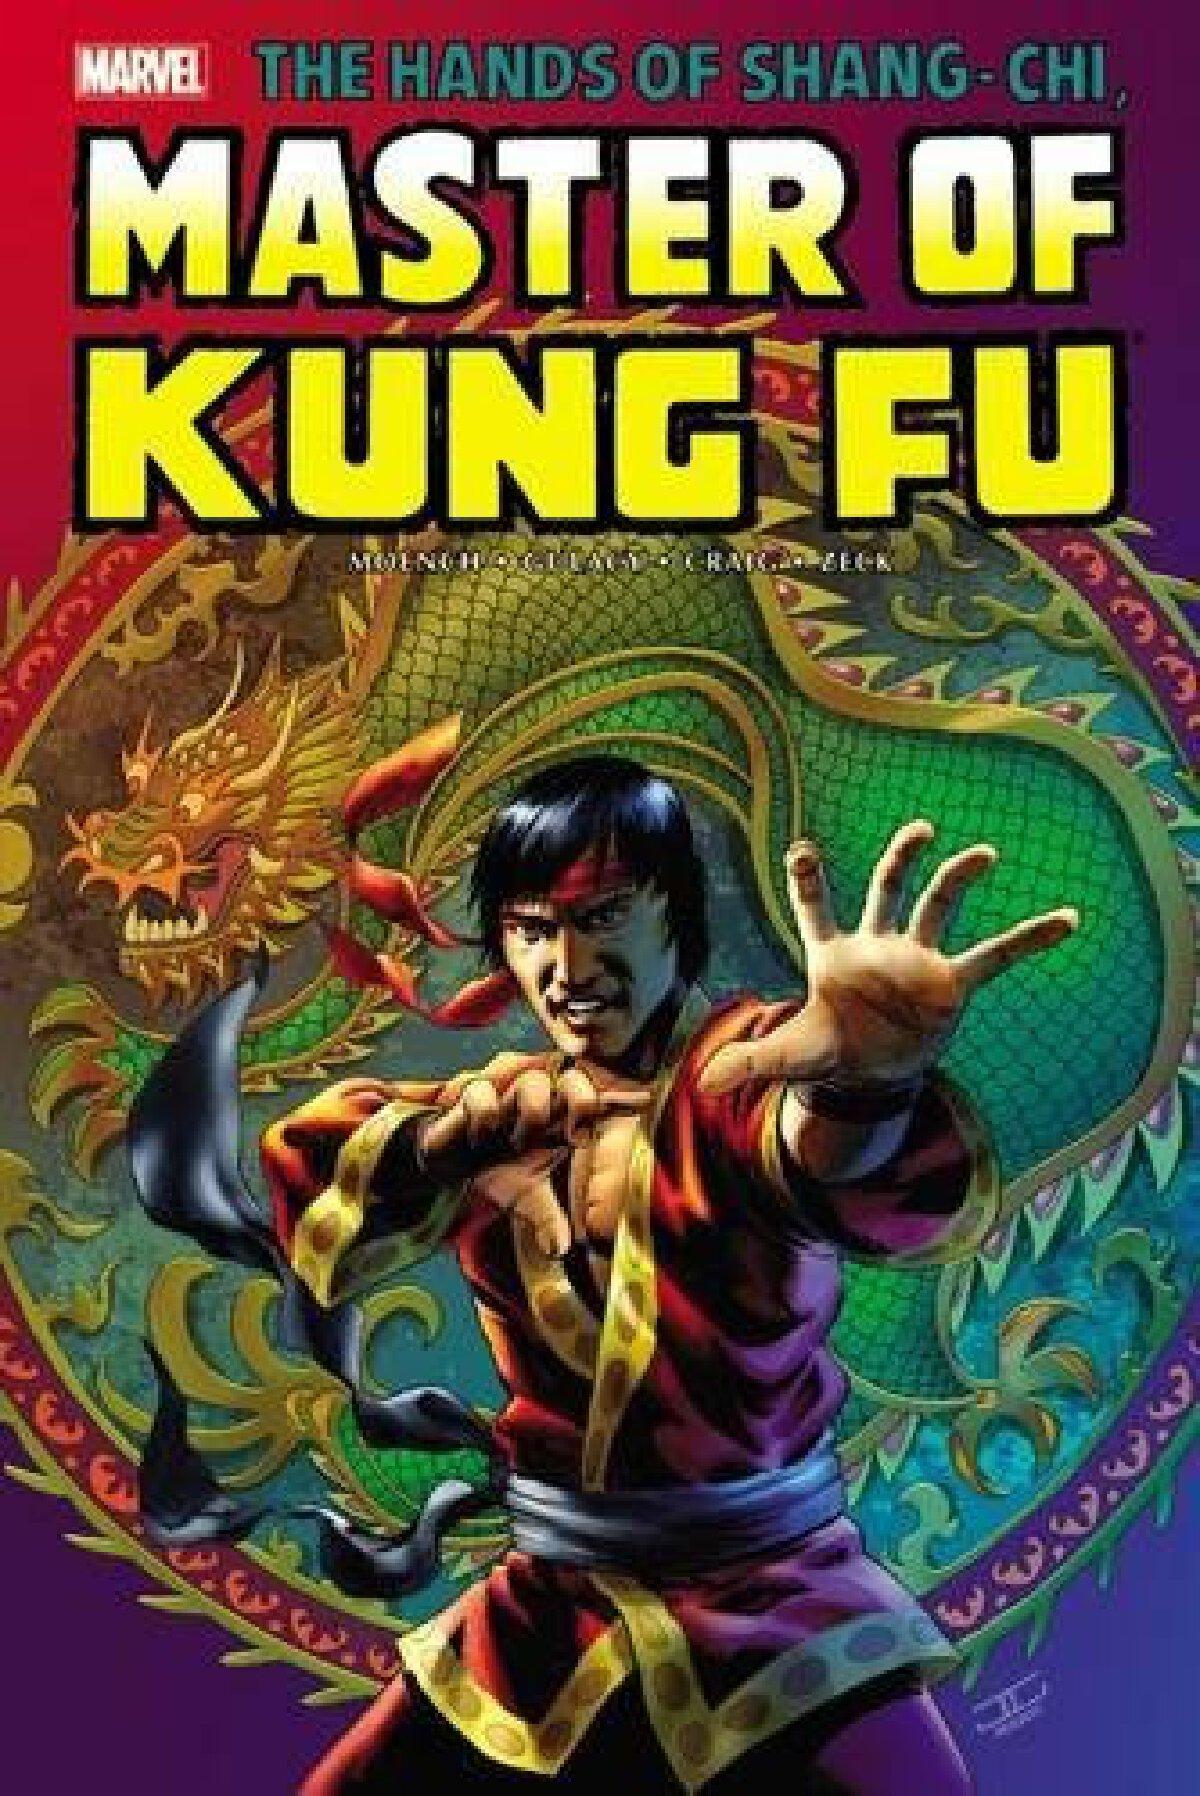 Shang-Chi Master of Kung Fu